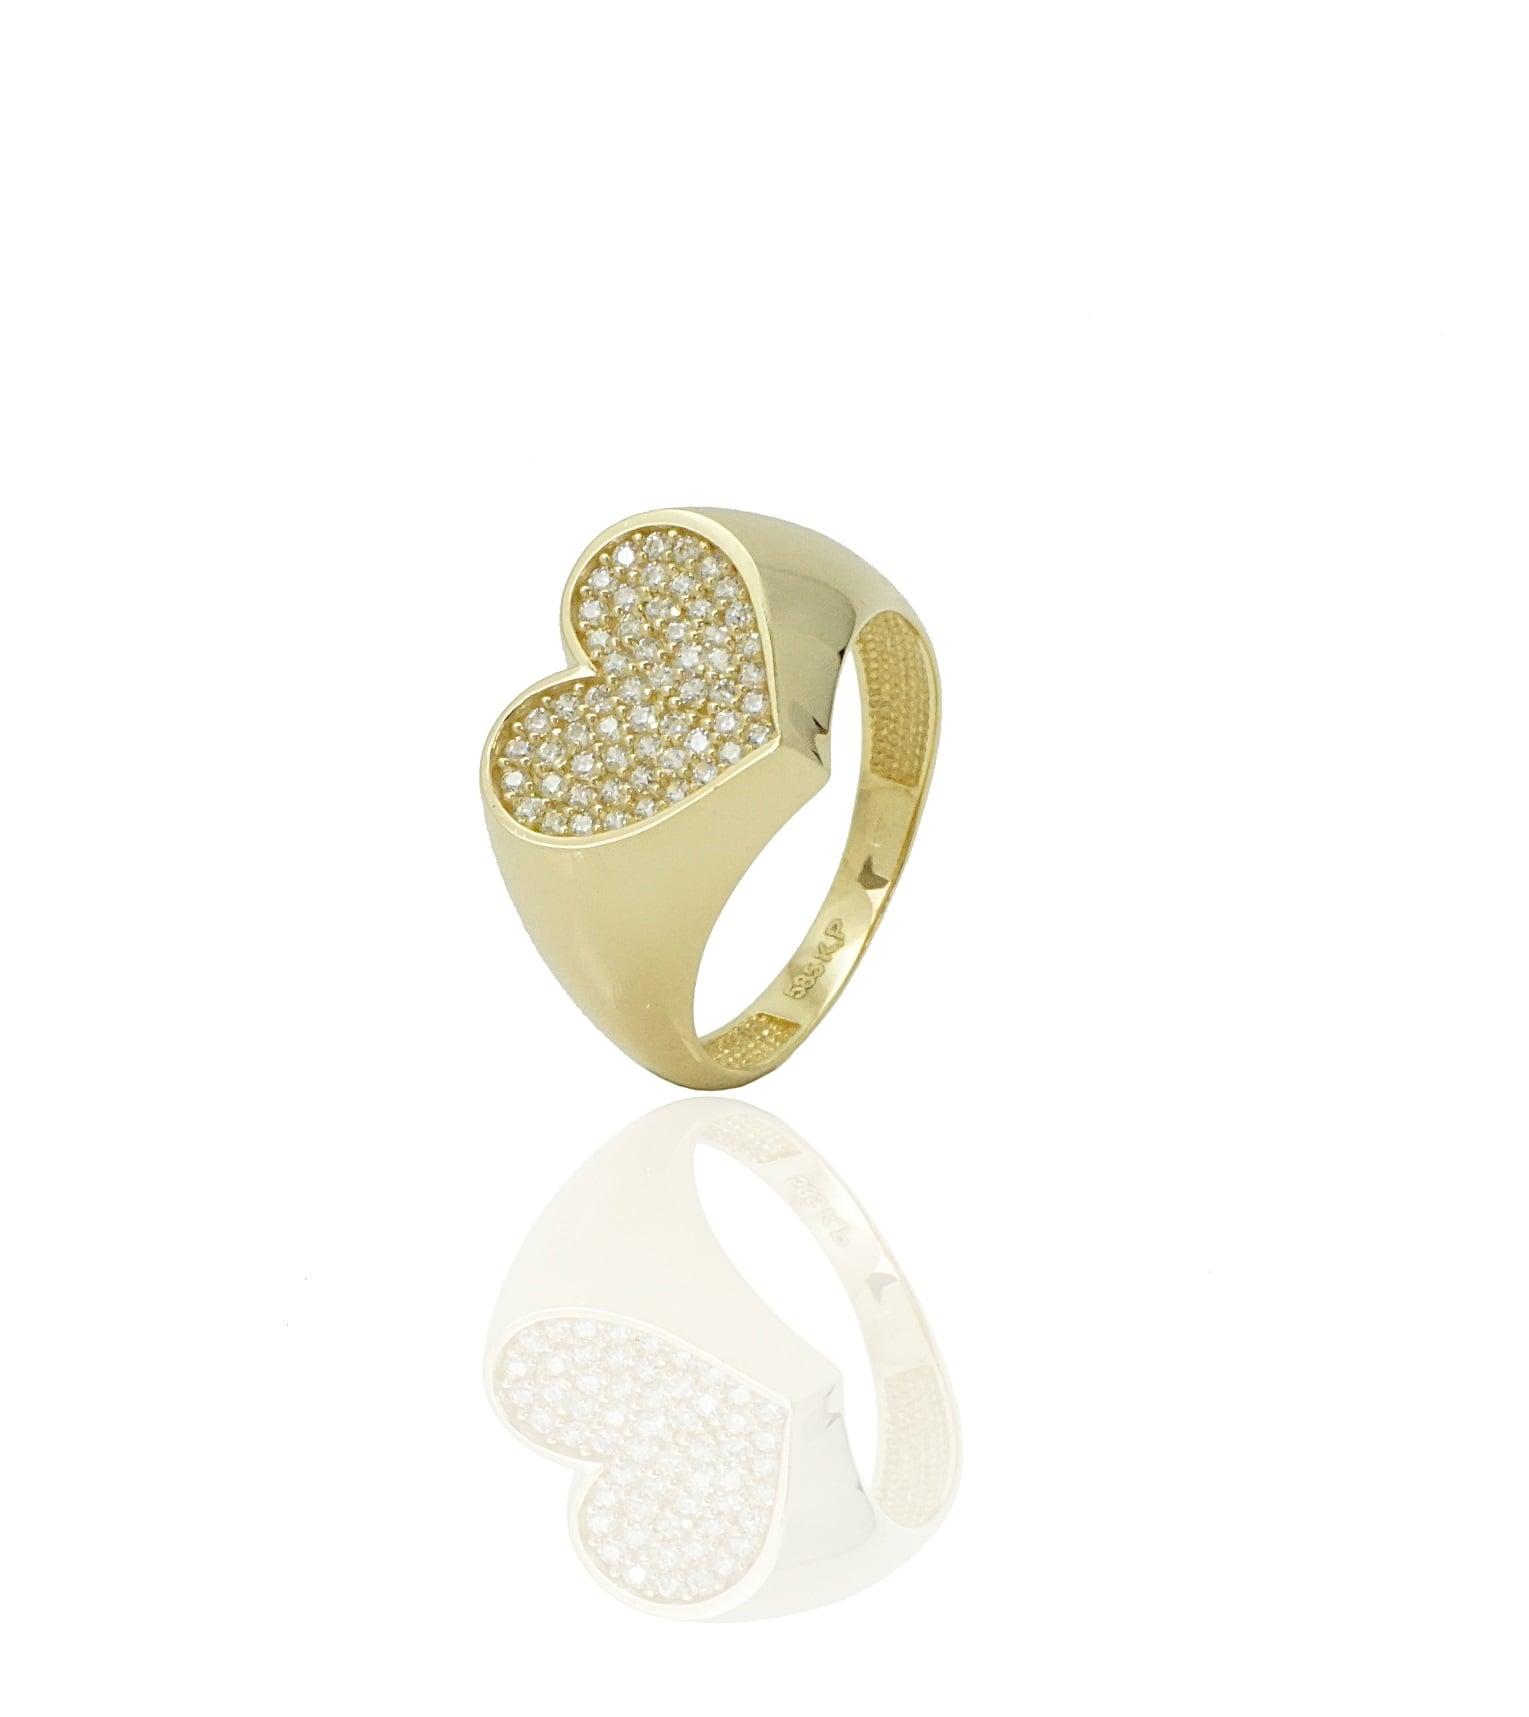 טבעת חותם לאשה טבעת לב זרקונים טבעת זהב בסגנון לב טבעת חותם לזרת מזהב